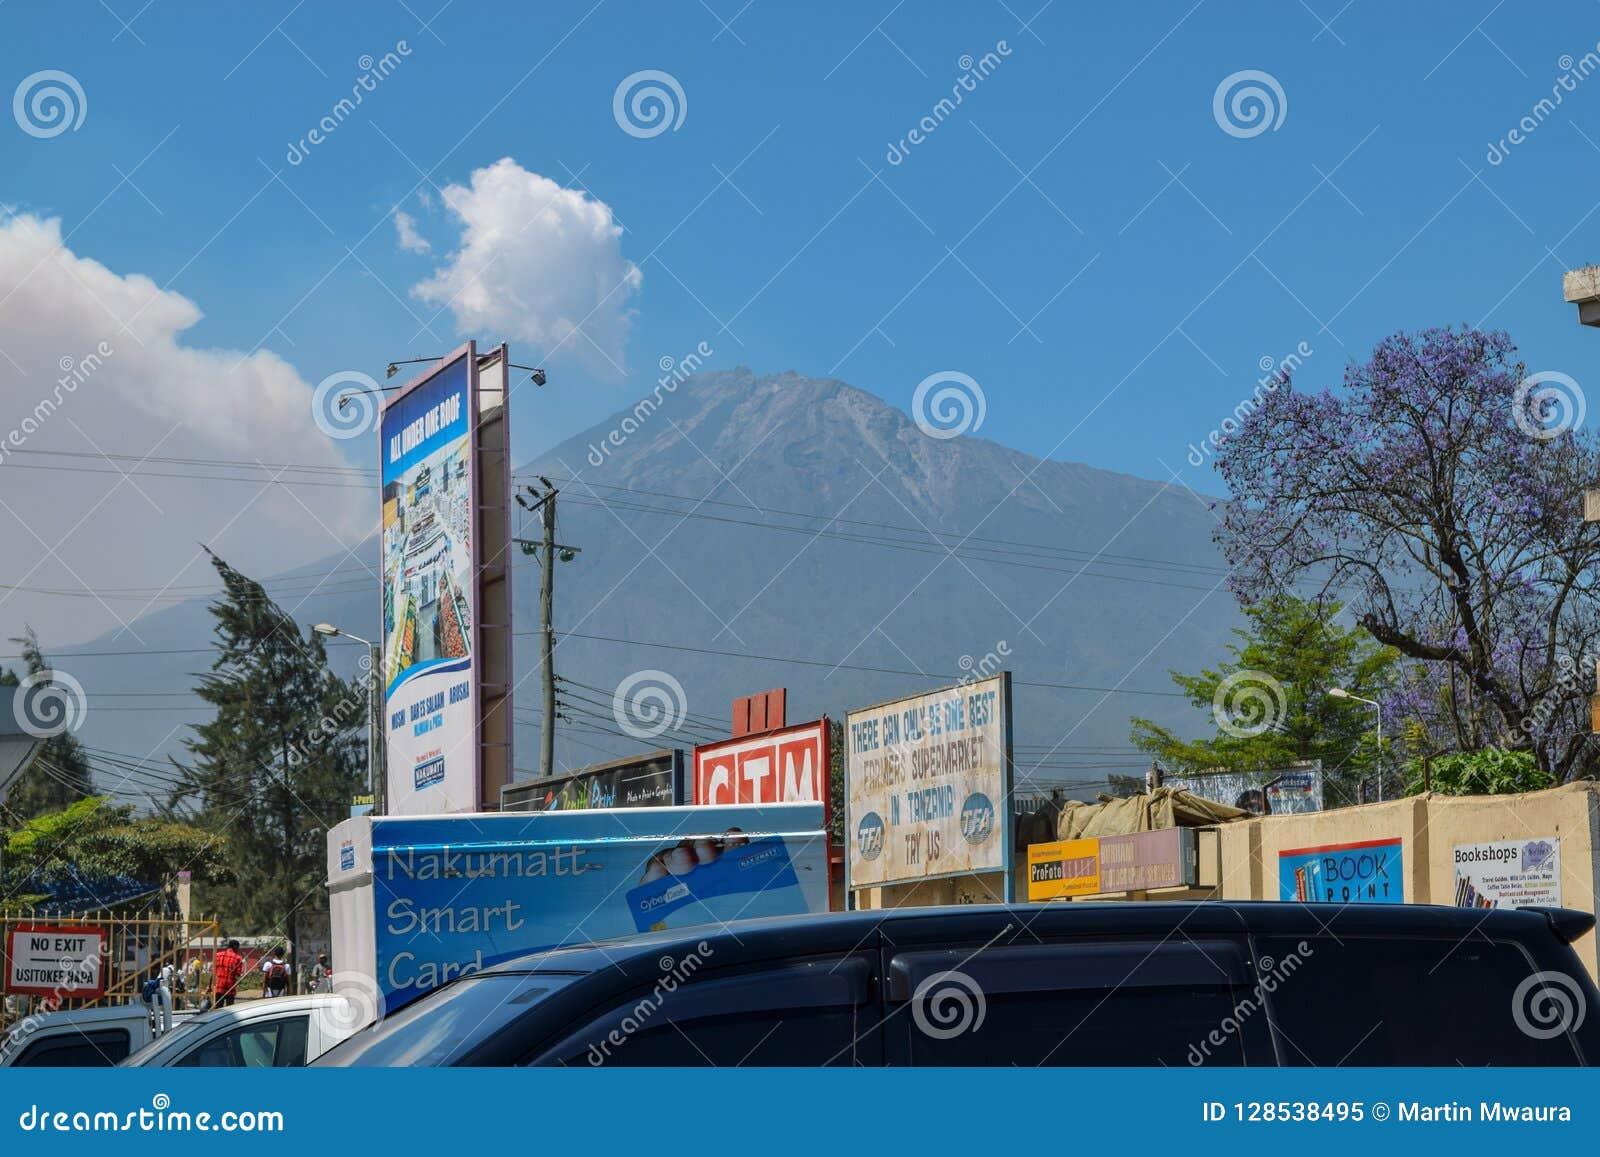 Mount Meru seen from Arusha Town, Tanzania